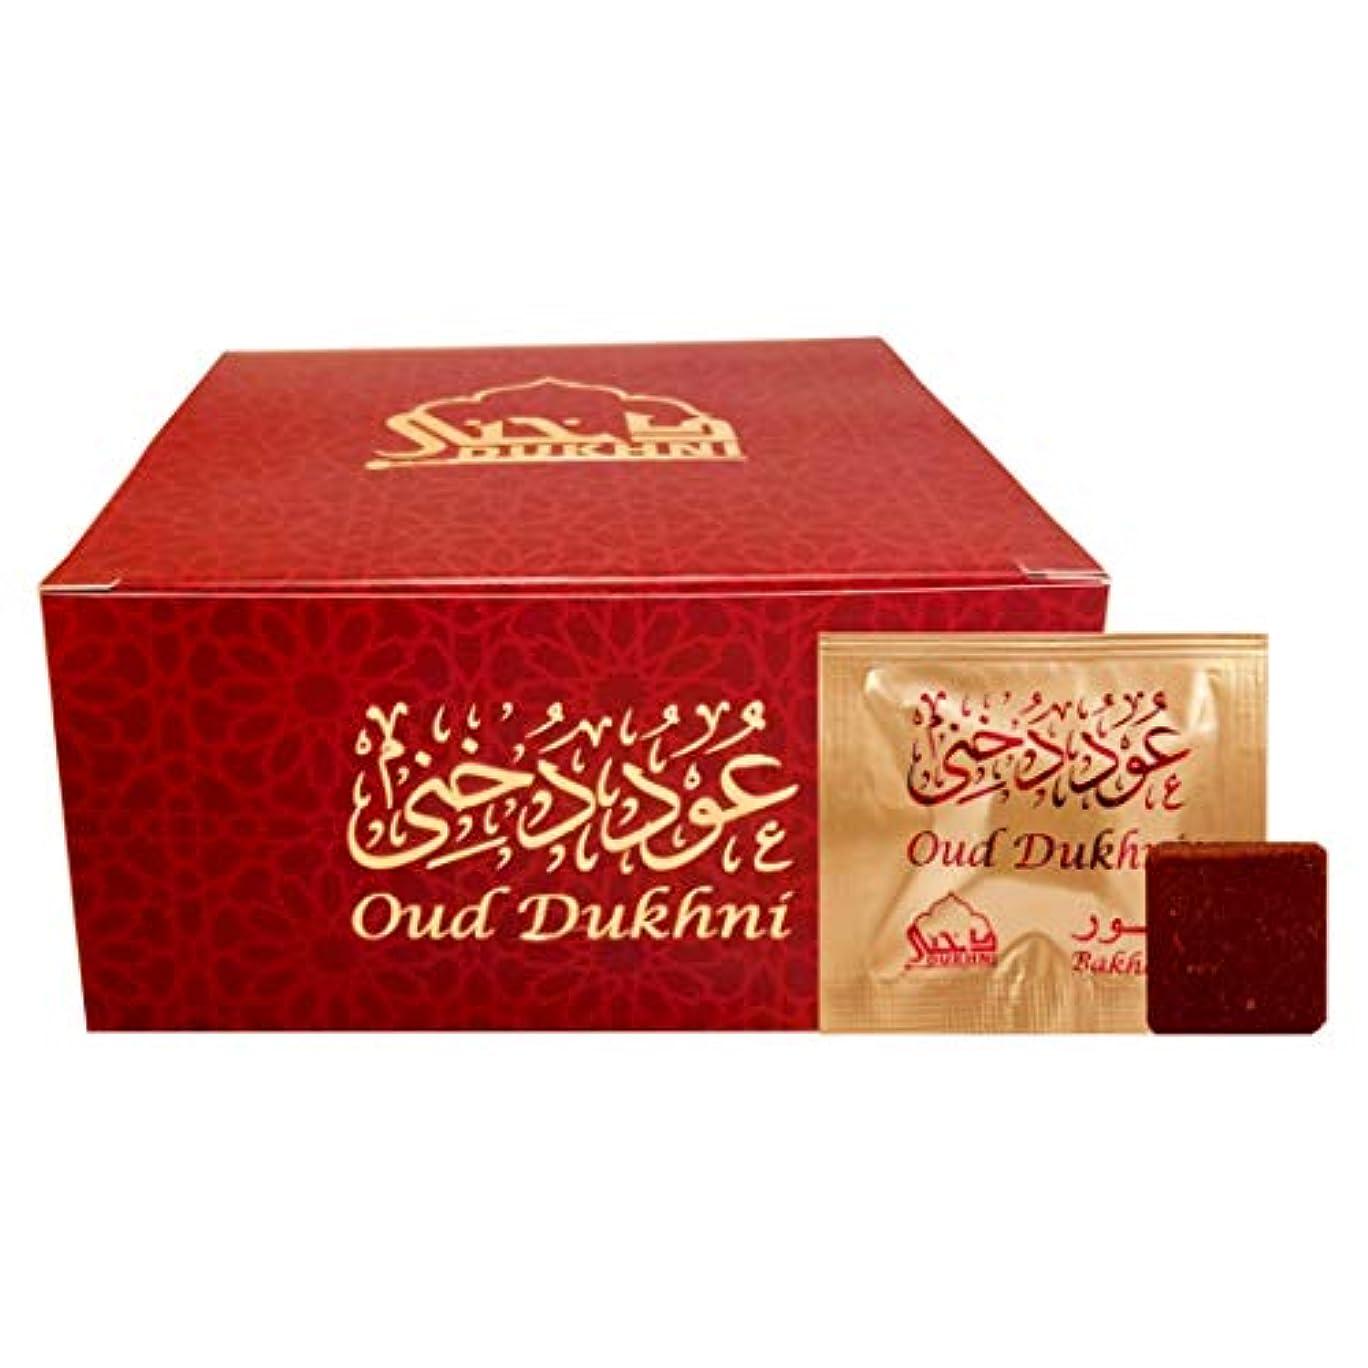 難しい症状入場料Dukhni DUK-Oudh Bakhoor Super Deluxe (XL)